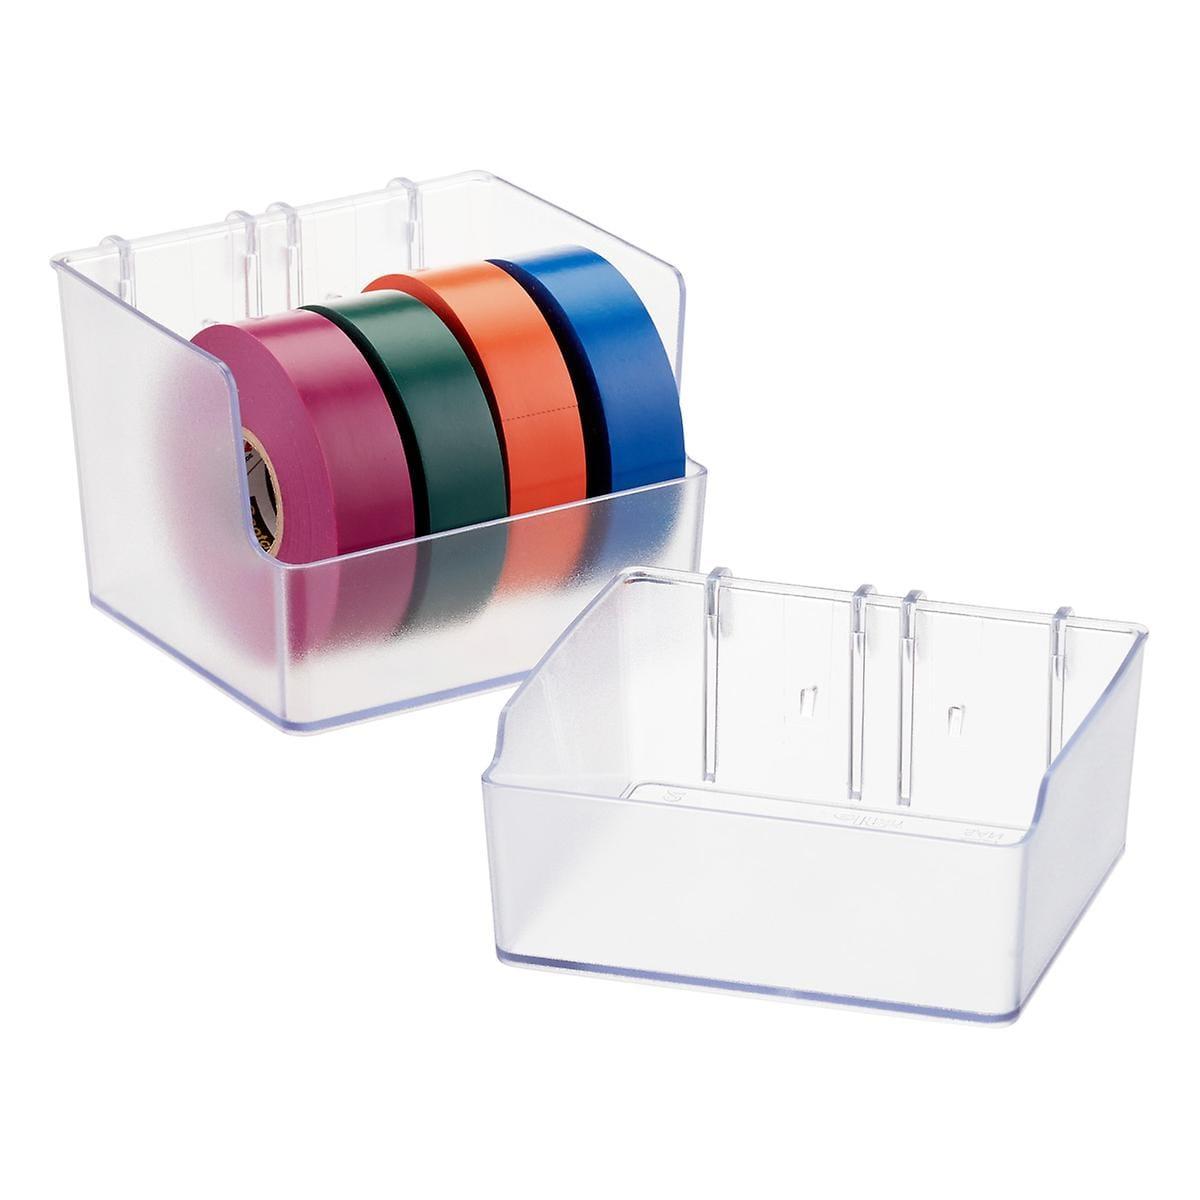 Elfa utility short boardbox translucent